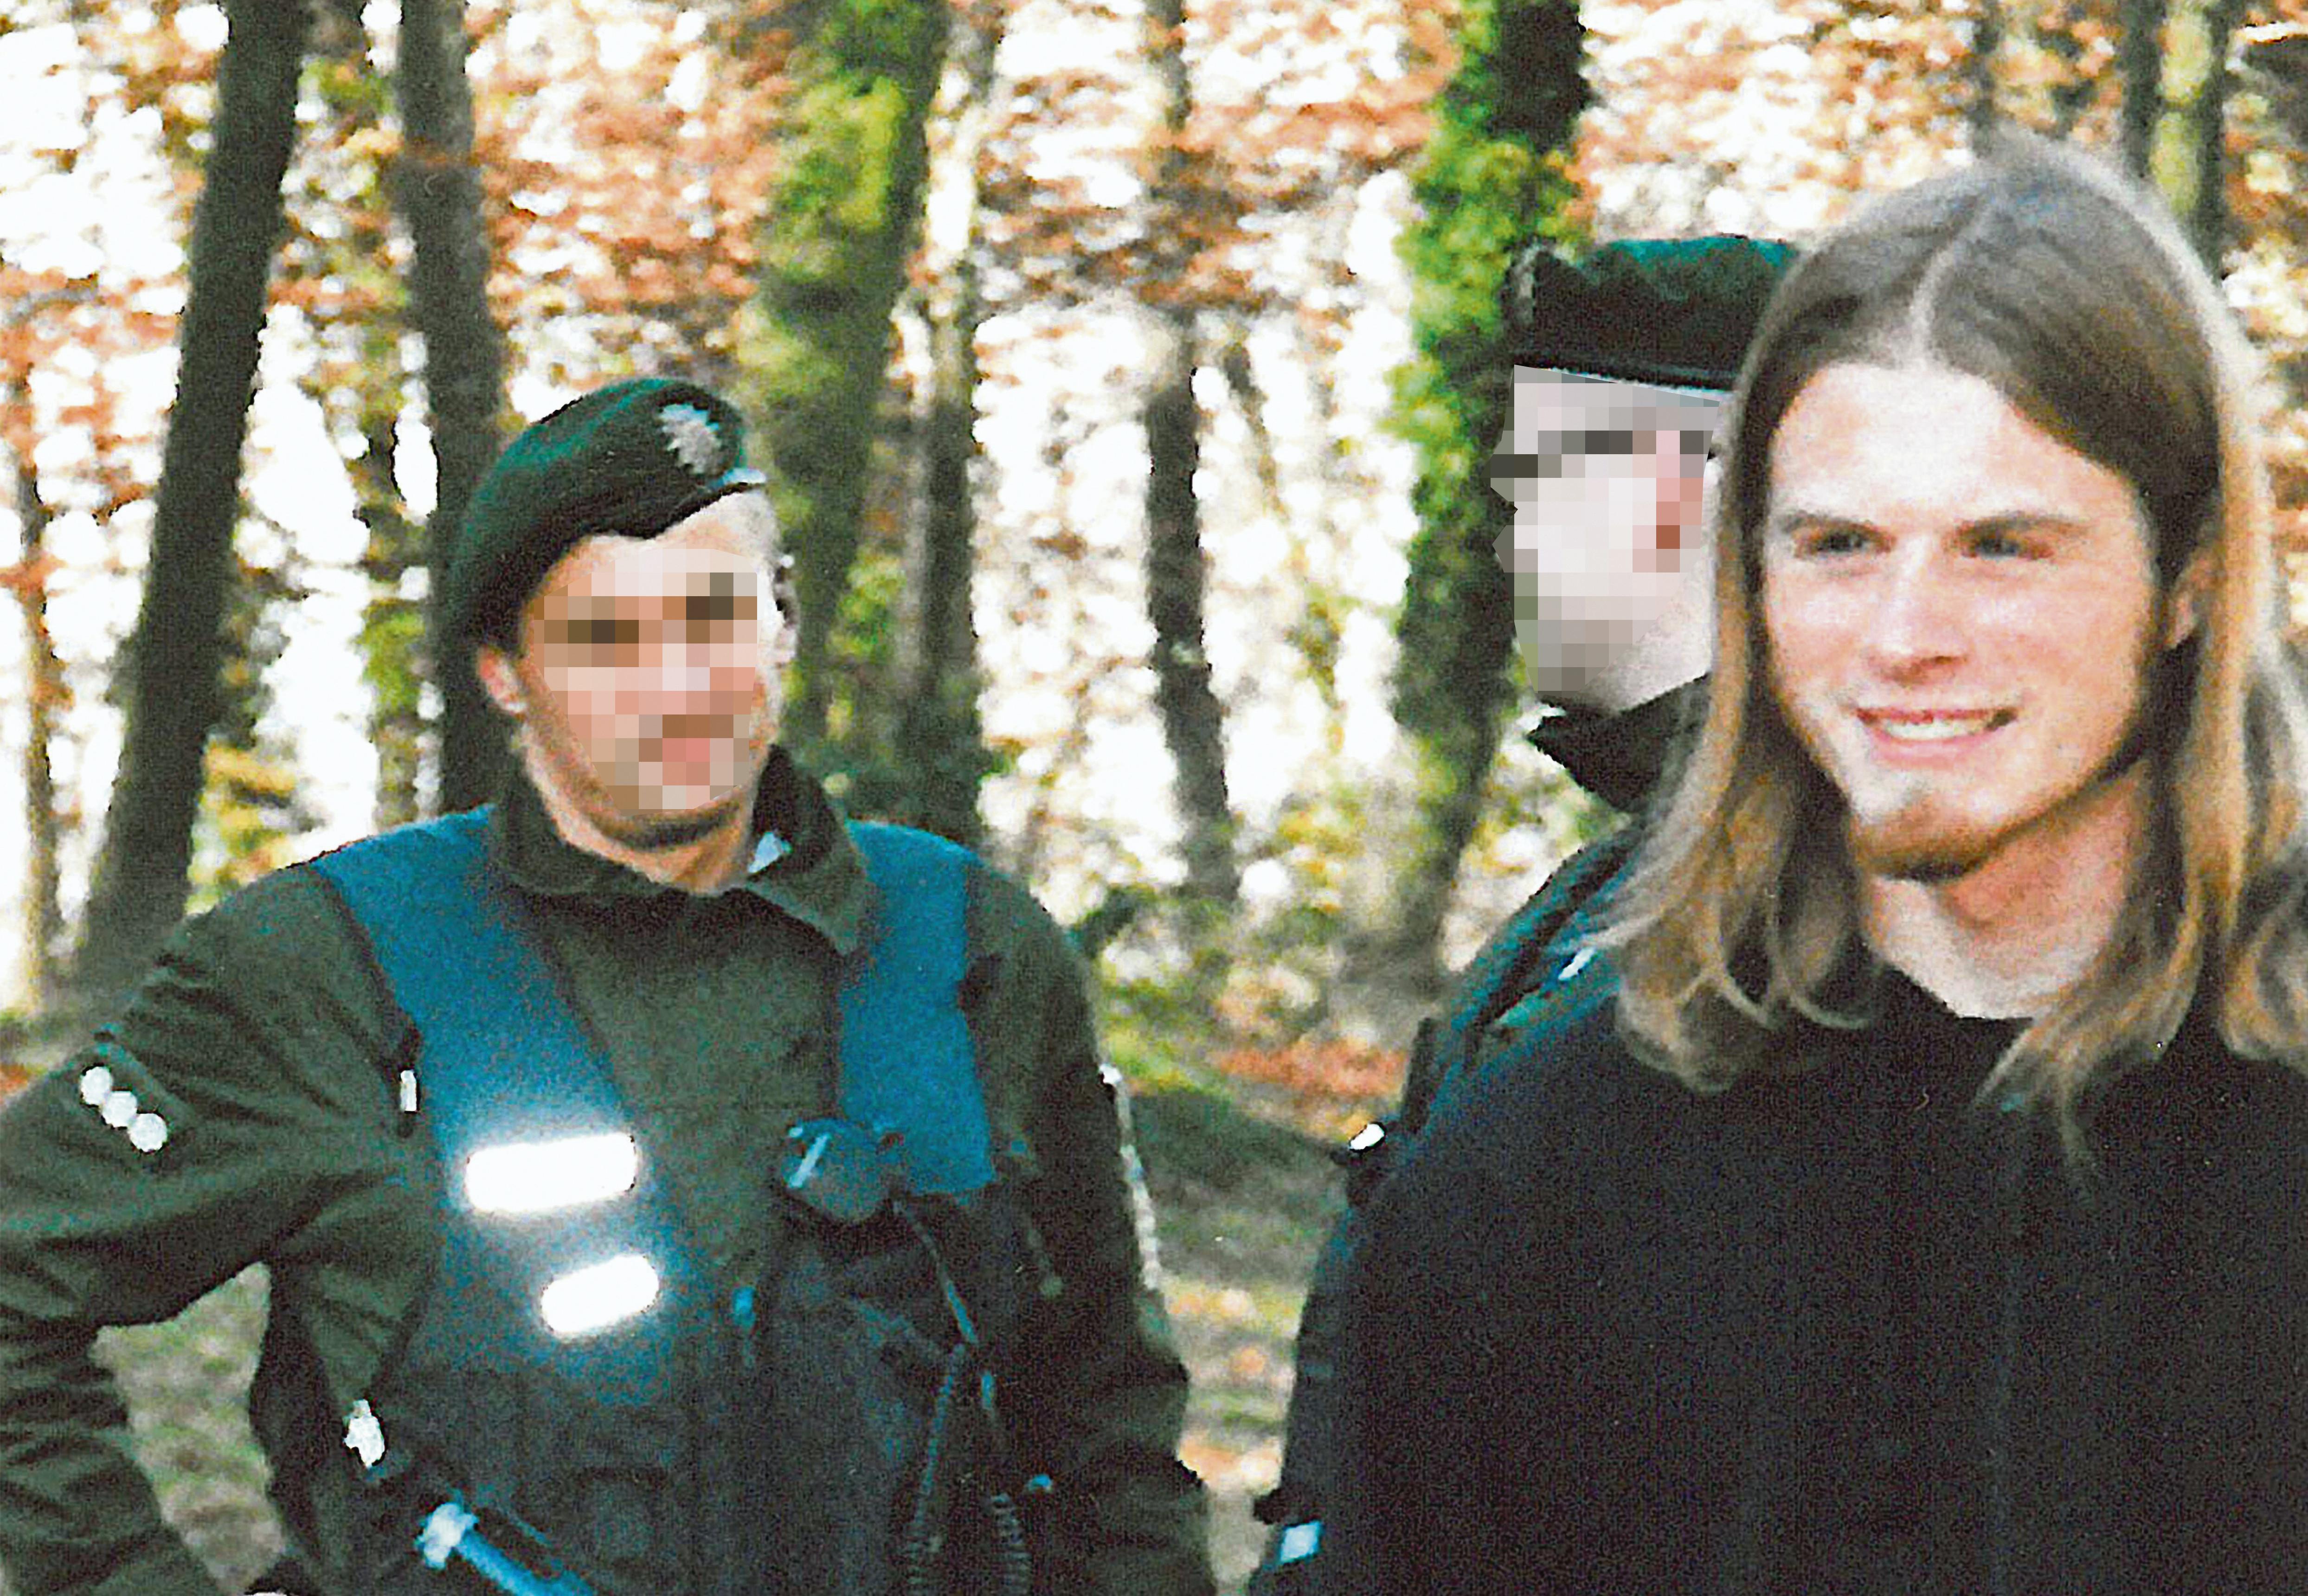 Der verdeckte Ermittler Simon Bromma als Teilnehmer einer Demonstration der Heidelberger Antifa im November 2010. Wenige Wochen später wurde er als Polizeispitzel enttarnt.